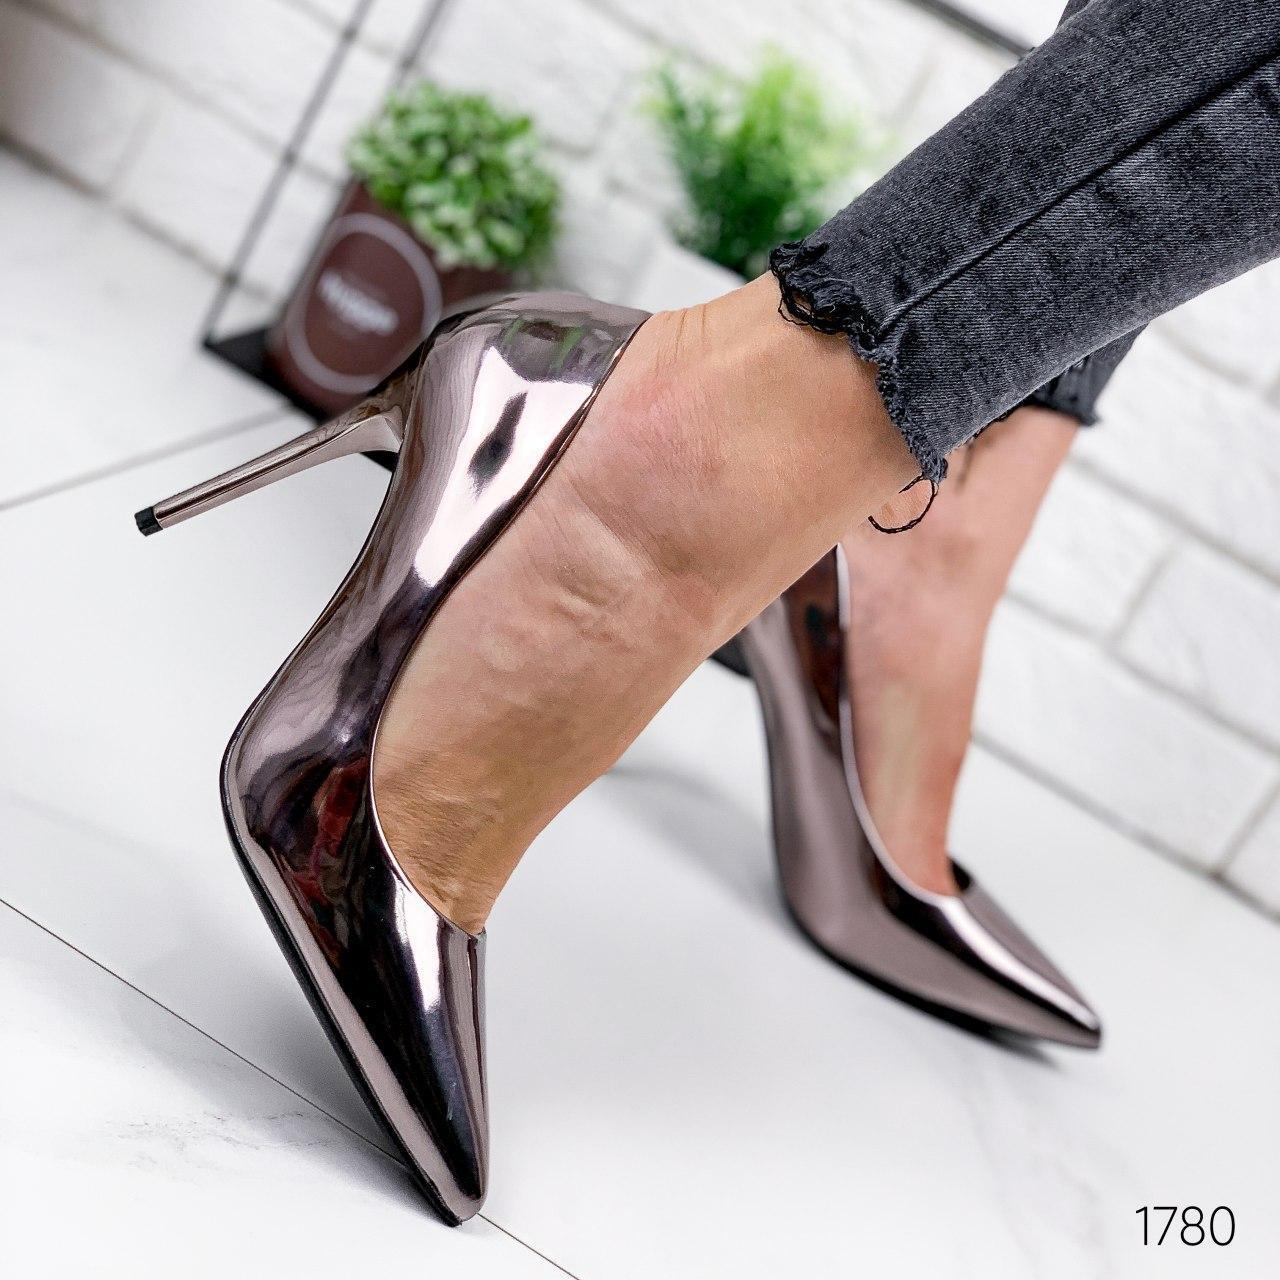 Туфли женские бронзовые на каблуке из эко кожи. Туфлі жіночі  бронзові на підборах з еко шкіри